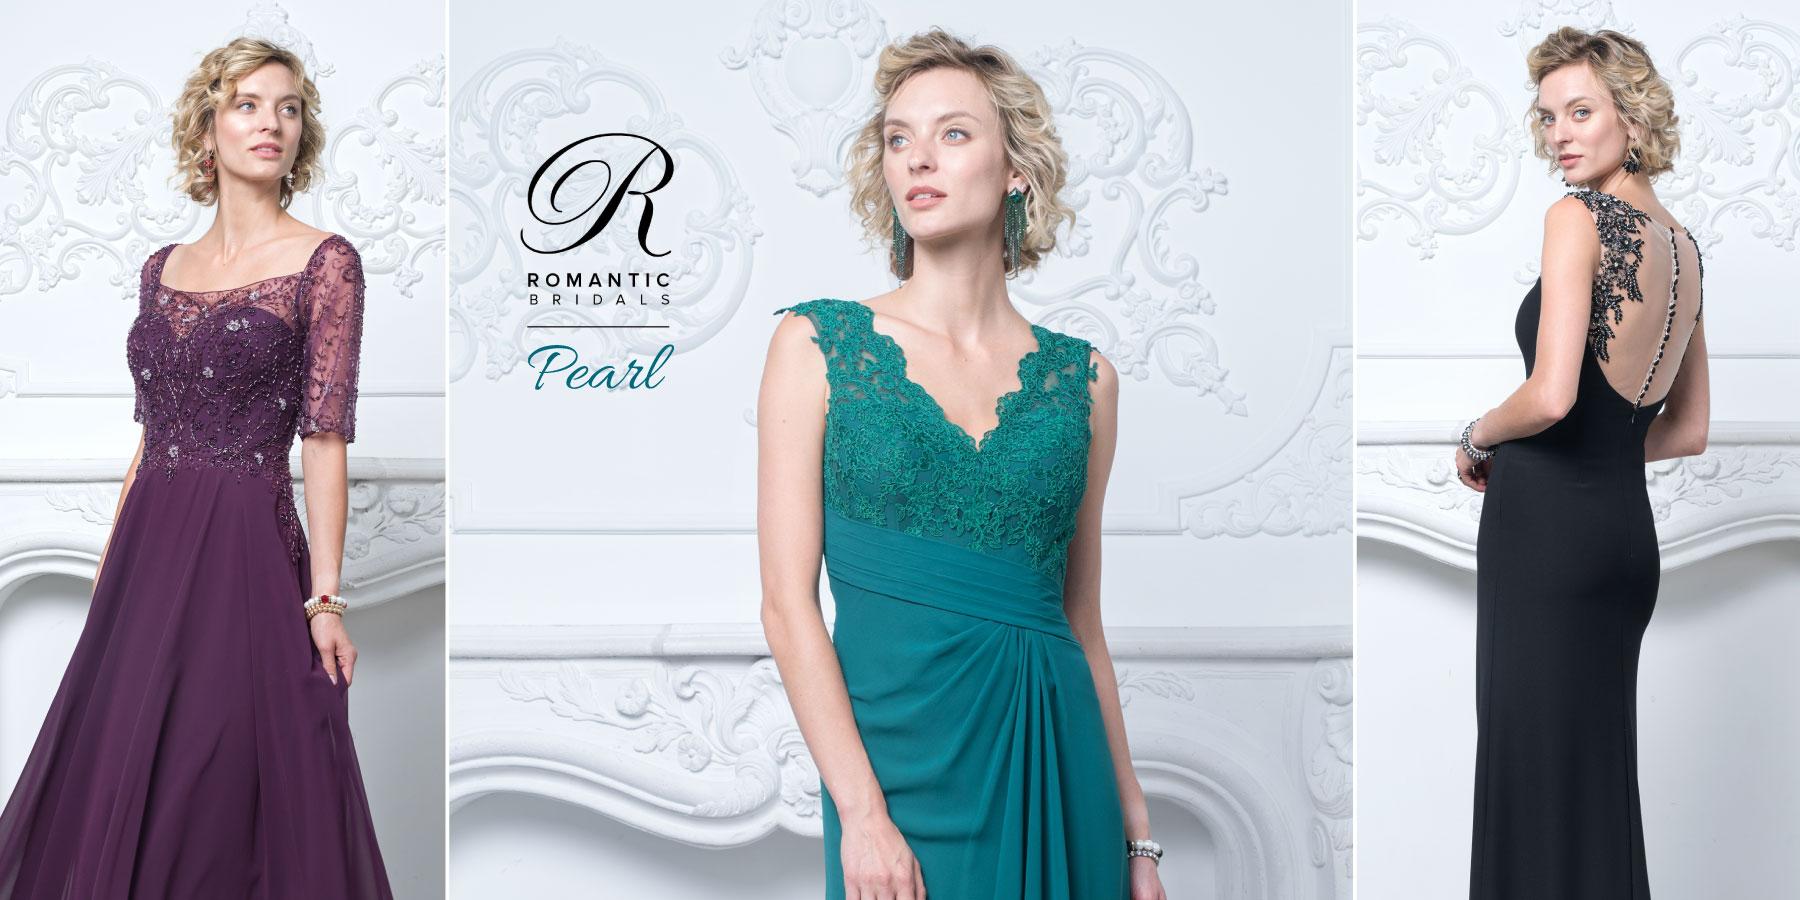 Romantic Bridals: Pearl